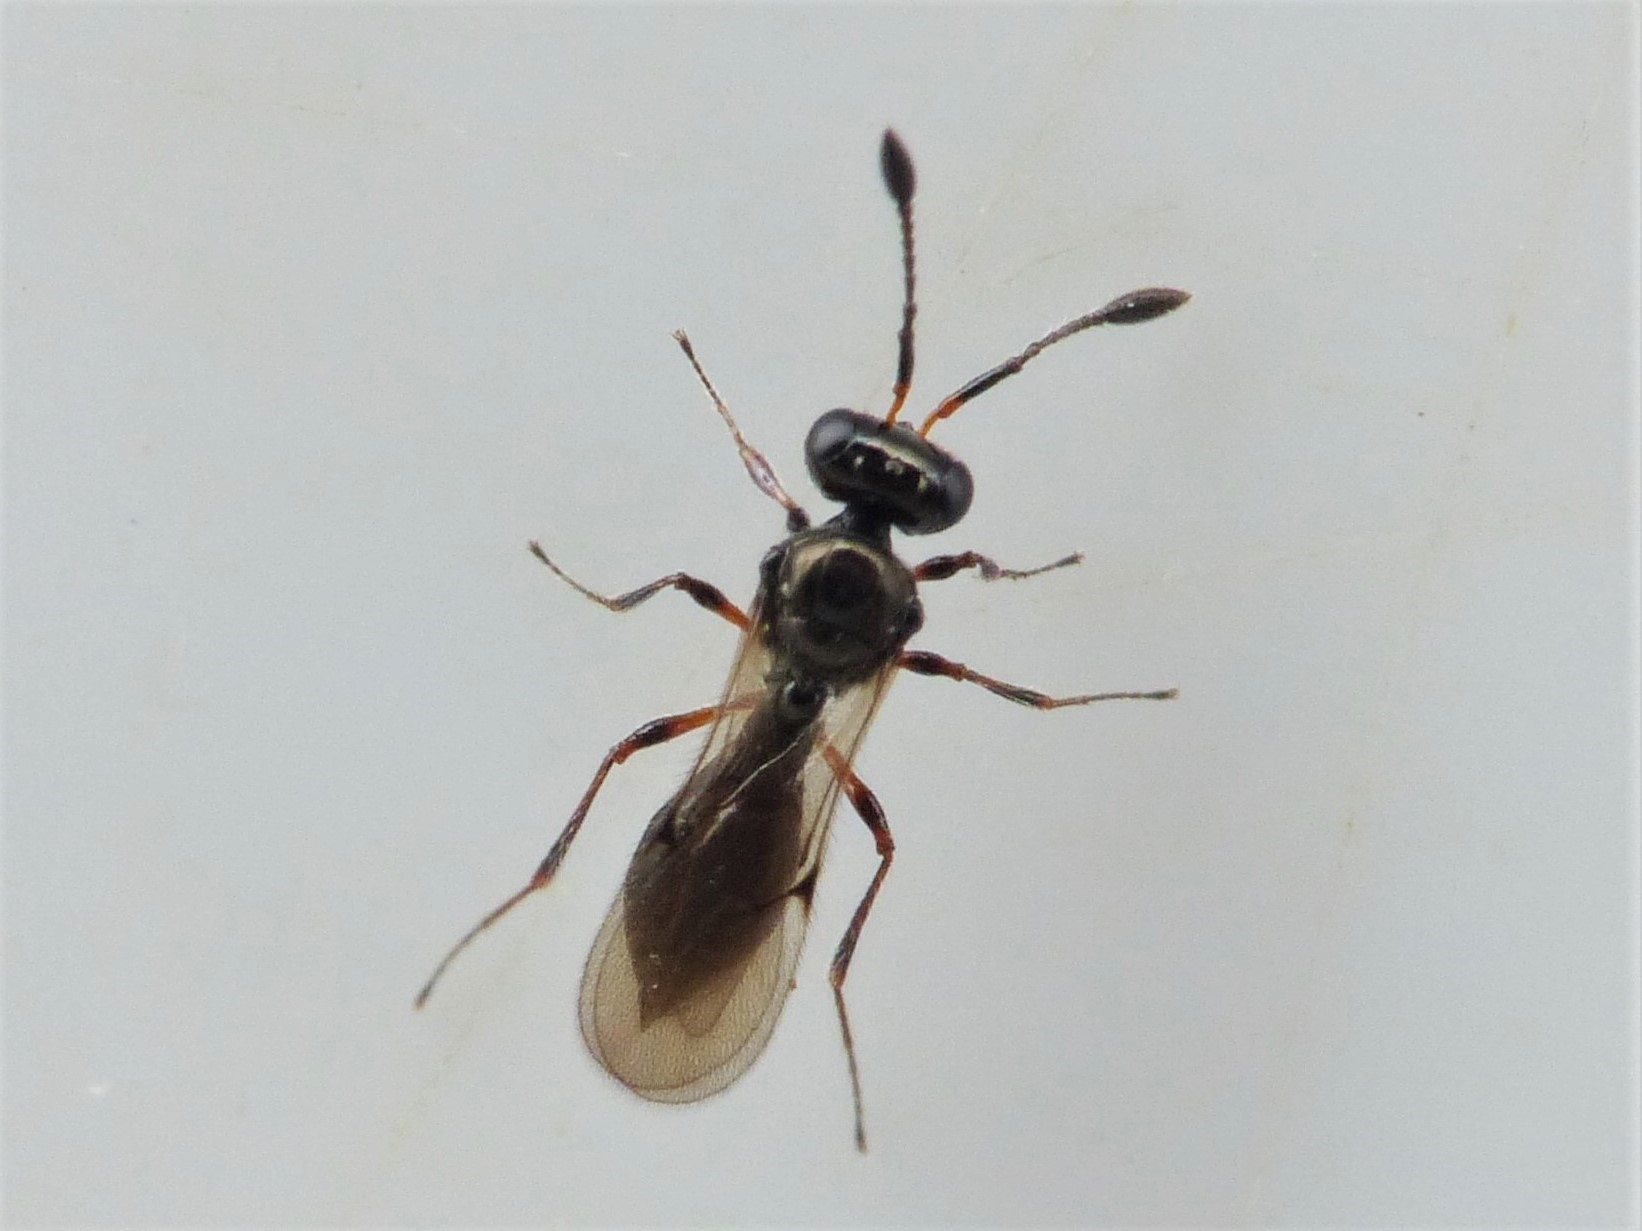 Thoron metallicus (Thoron metallicus)